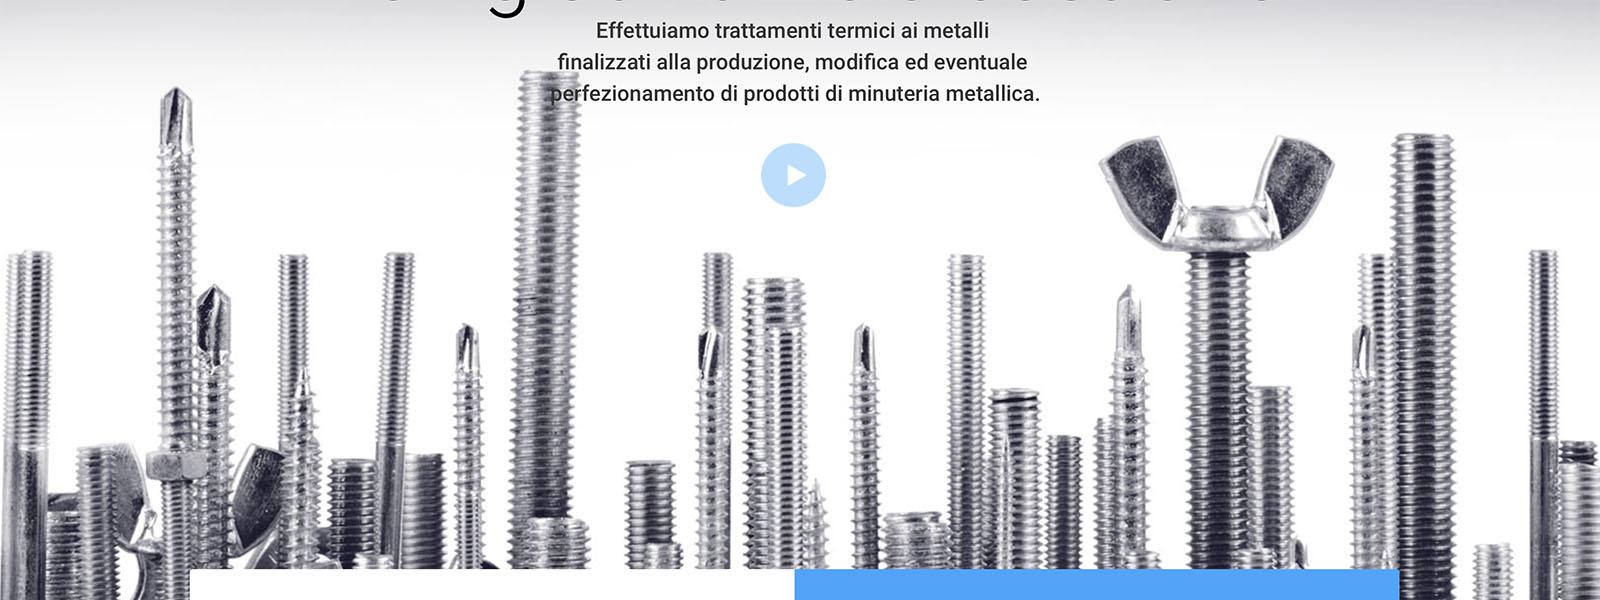 Sito Web Tottene Minuterie Metalliche